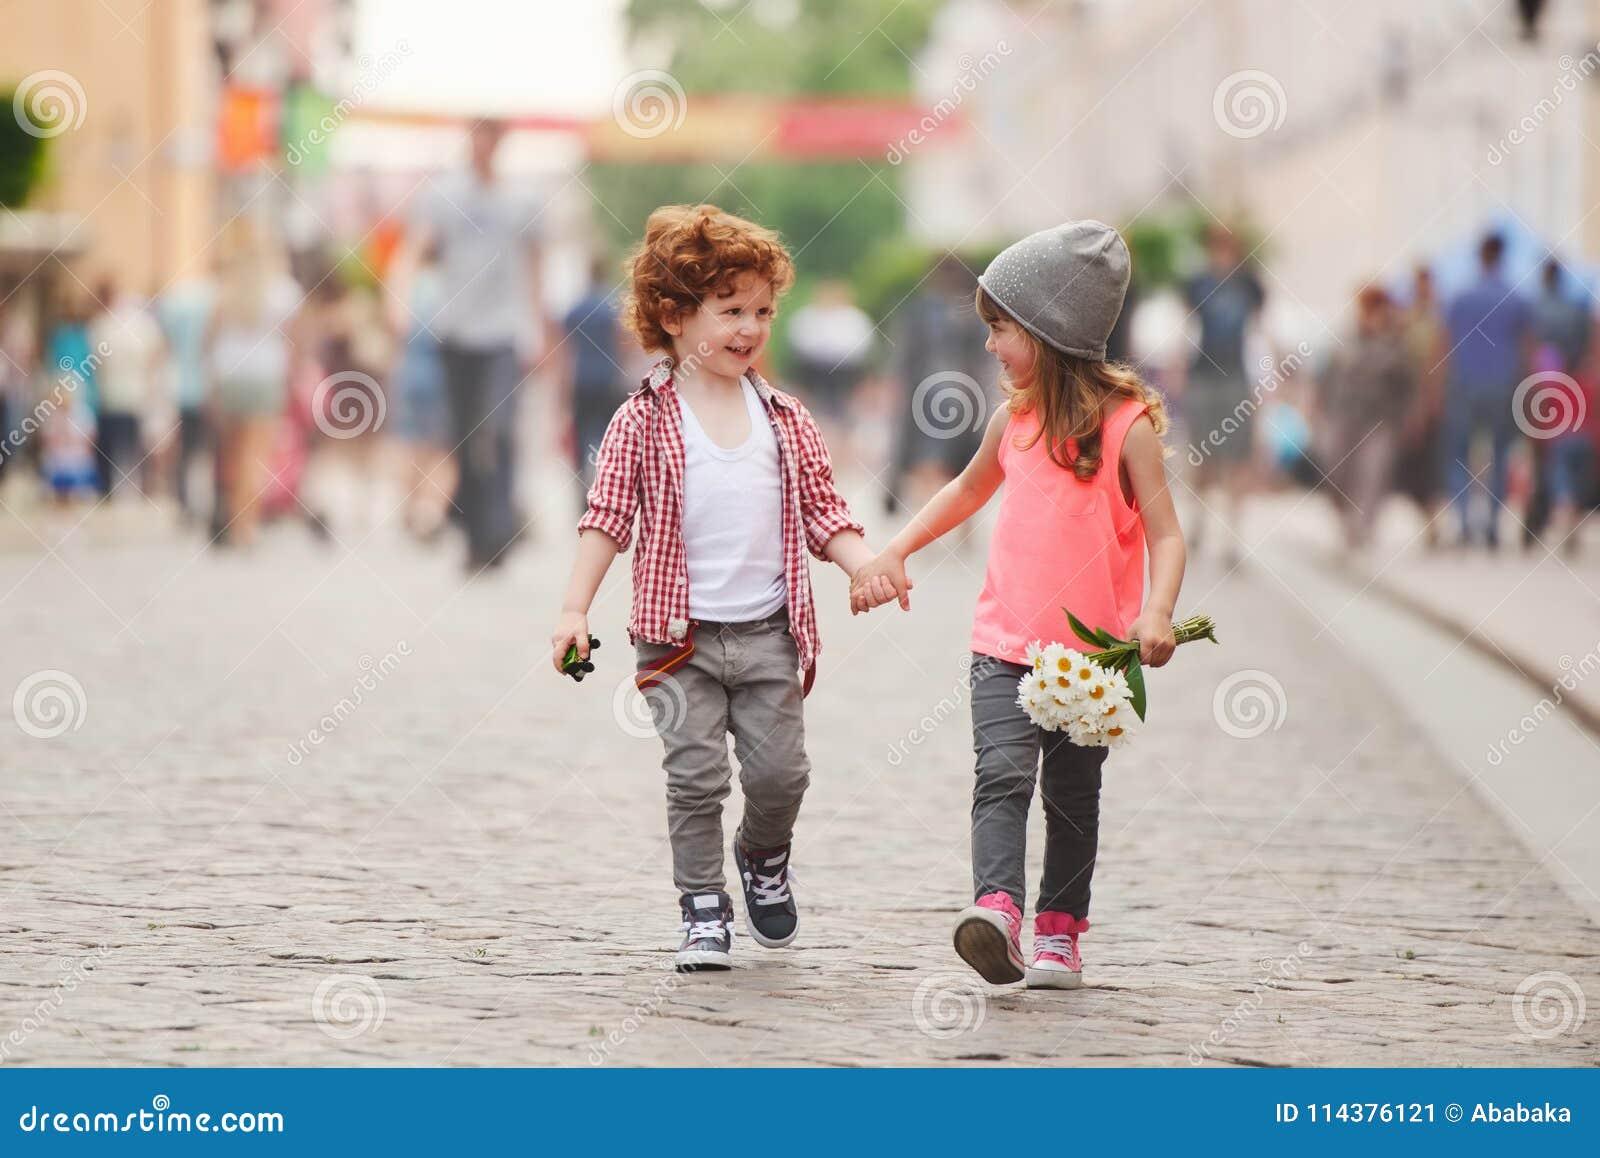 Junge und Mädchen, die auf die Straße gehen